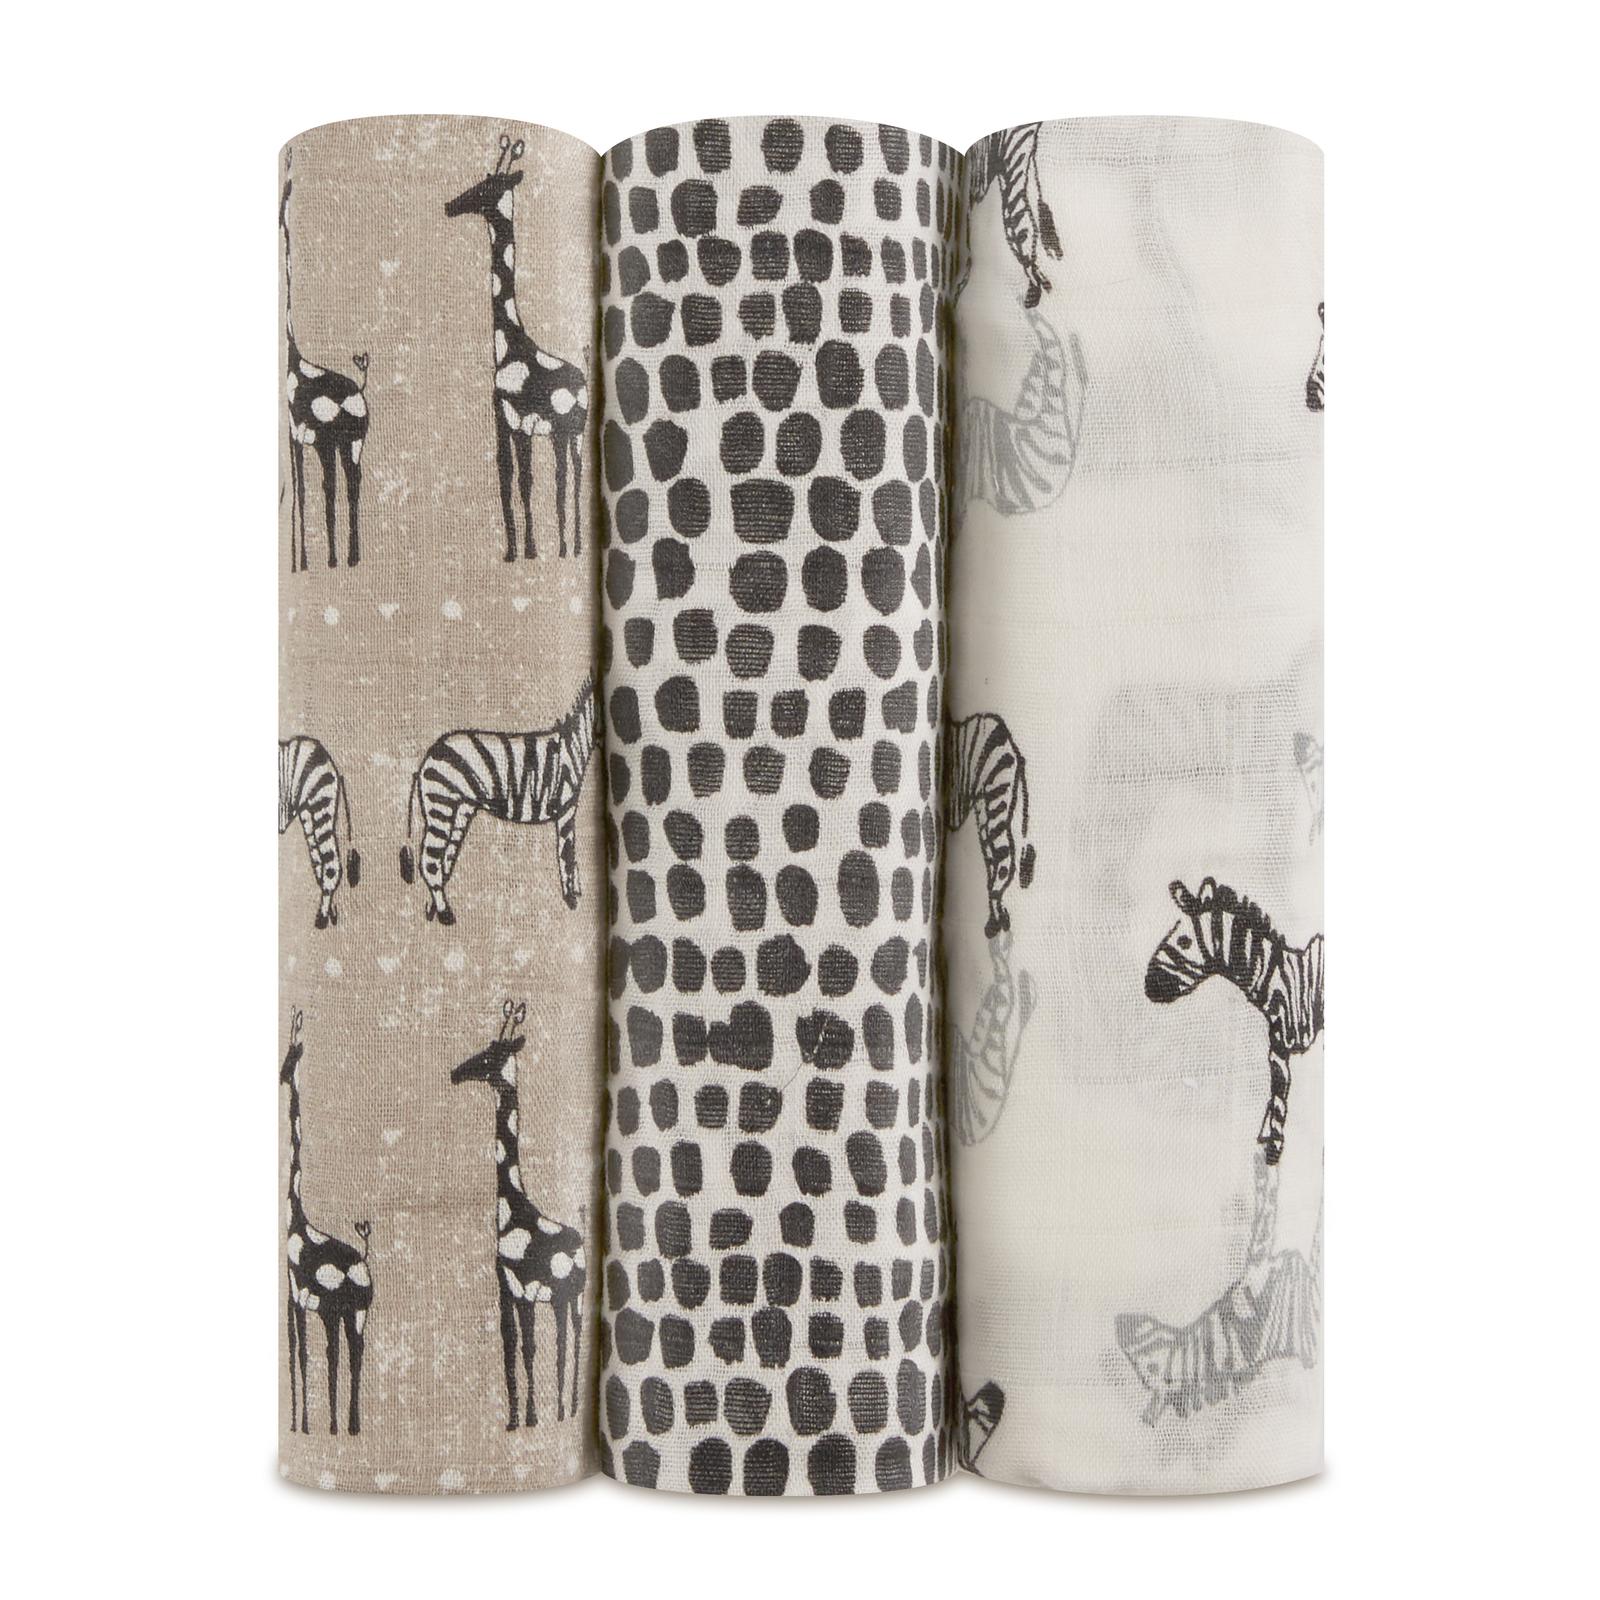 Aden + Anais: Bamboo Swaddle - Sahara (3 Pack Swaddling Wraps) image